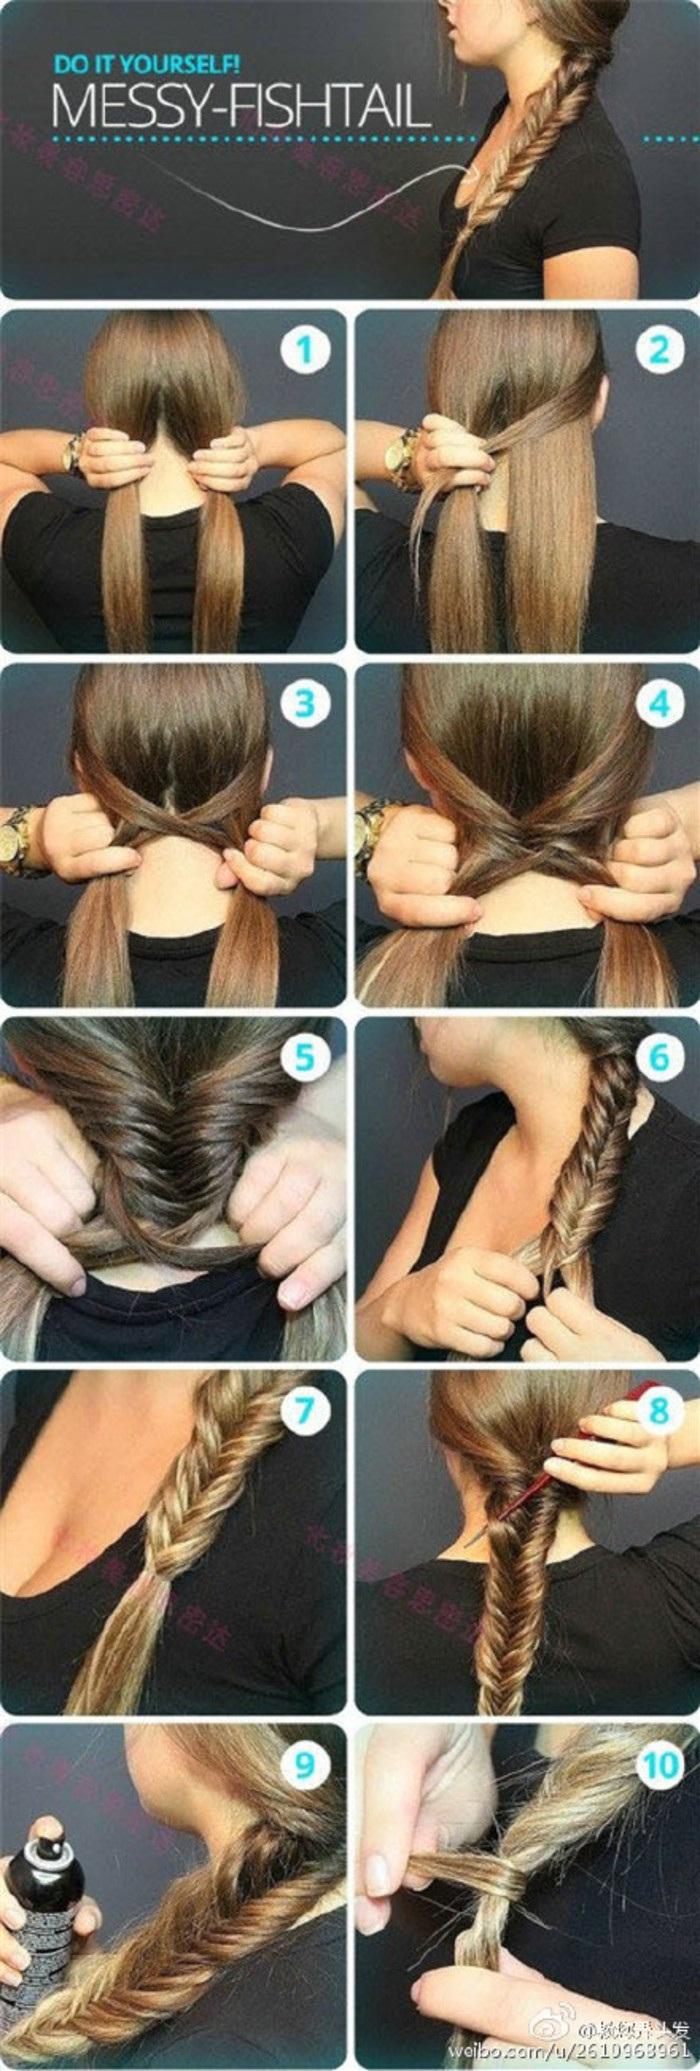 coiffures-pratiques-pour-cheveux-courts-a-mi-longs-4